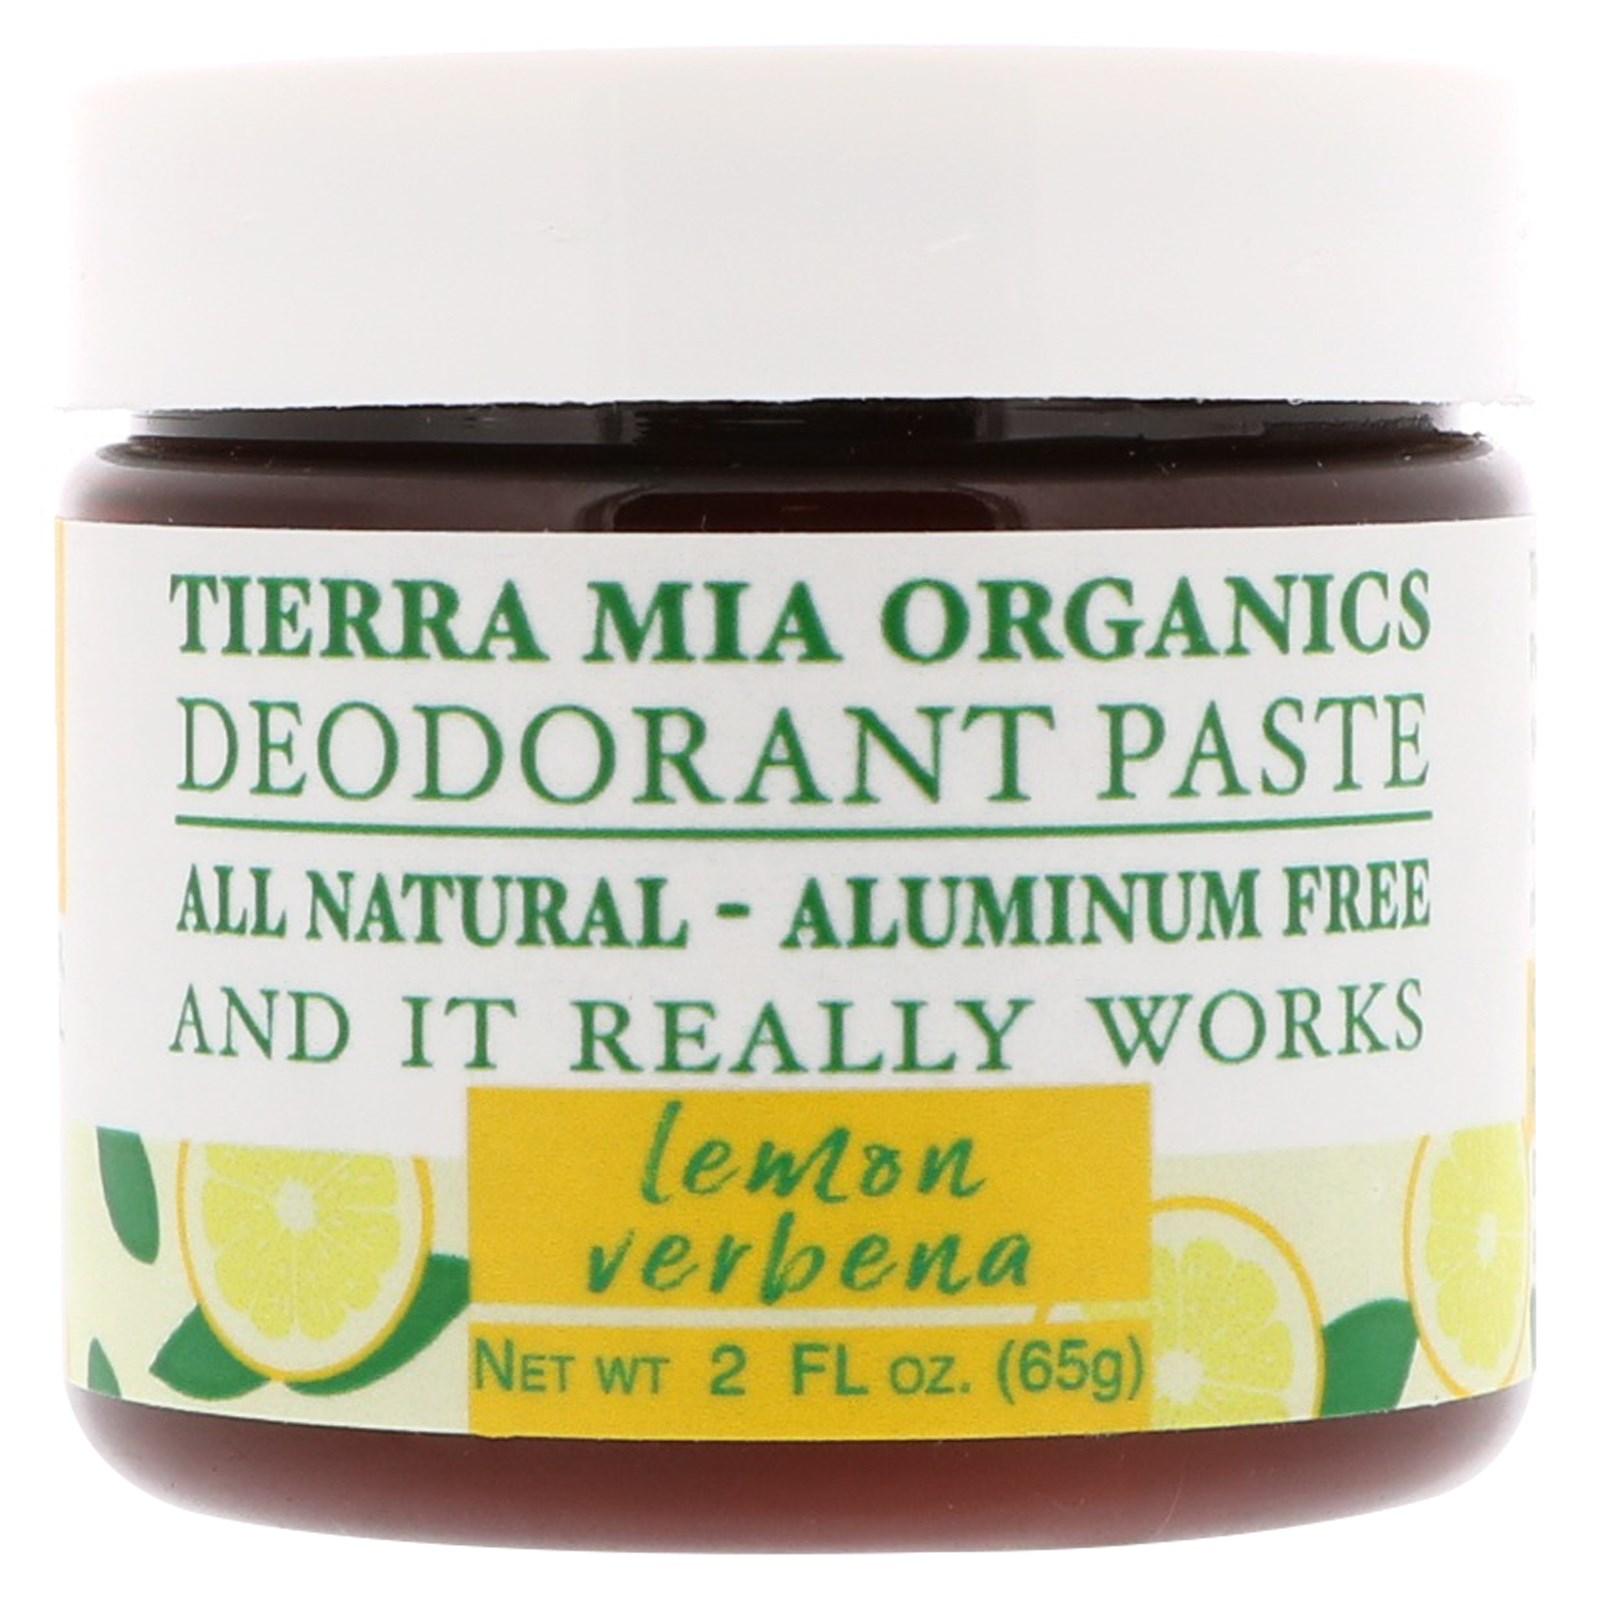 Tierra Mia Organics, Deodorant Paste, Lemon Verbena, 2 fl oz (65 g)